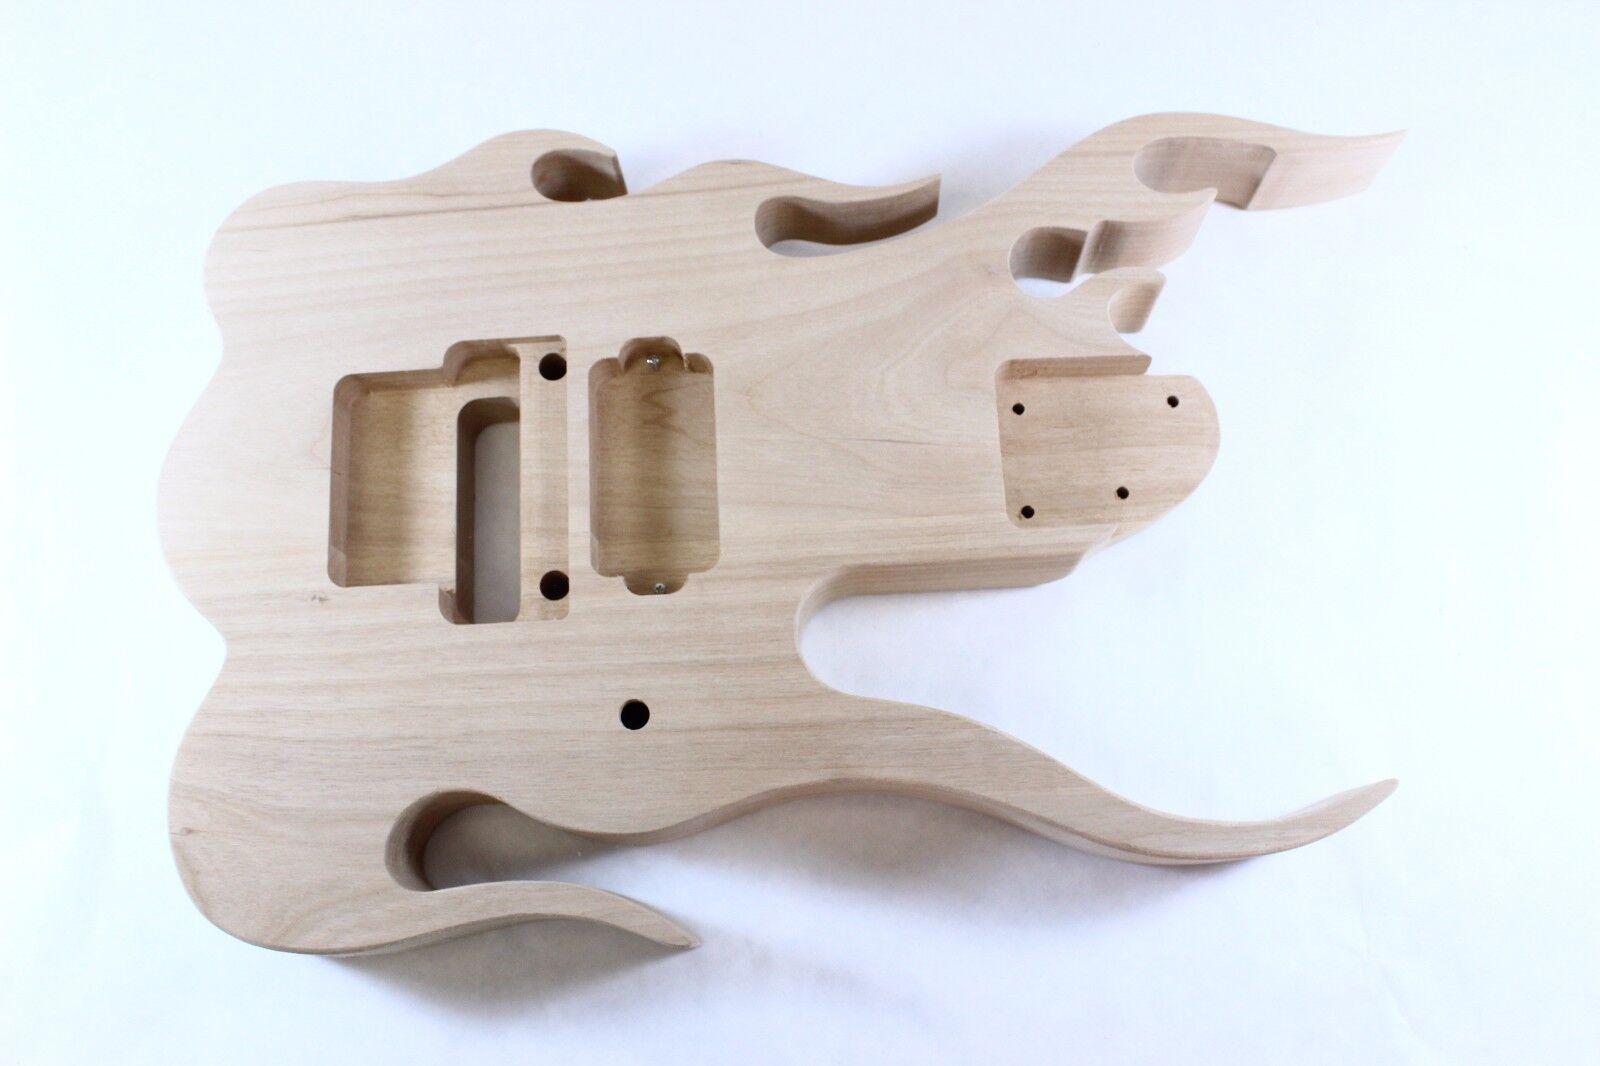 Inacabado aliso Jem Guitarra Cuerpo-Flame-se adapta a RG RG RG cuellos, ofr Floyd rosado e046f2